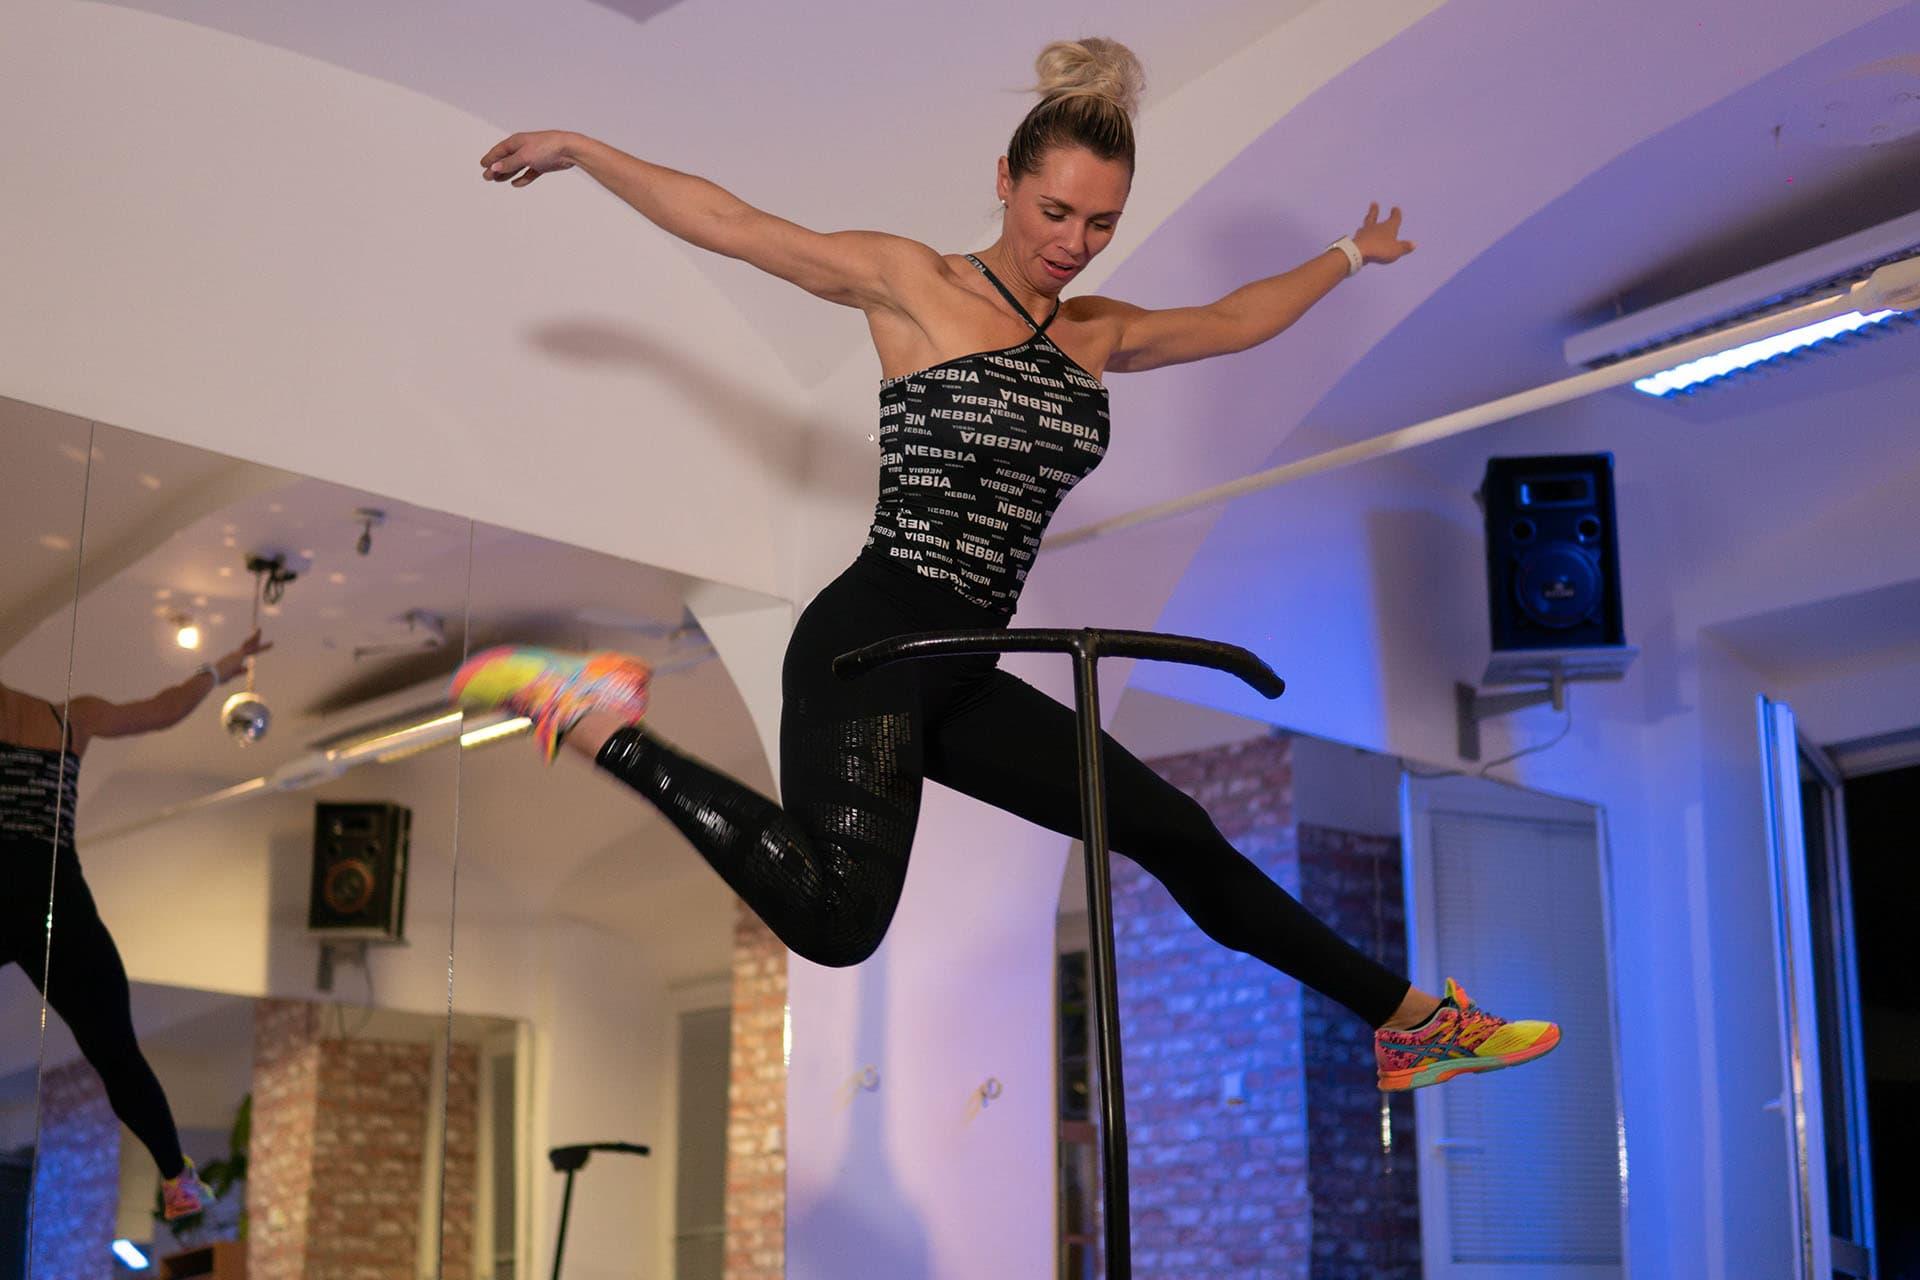 jumping-2